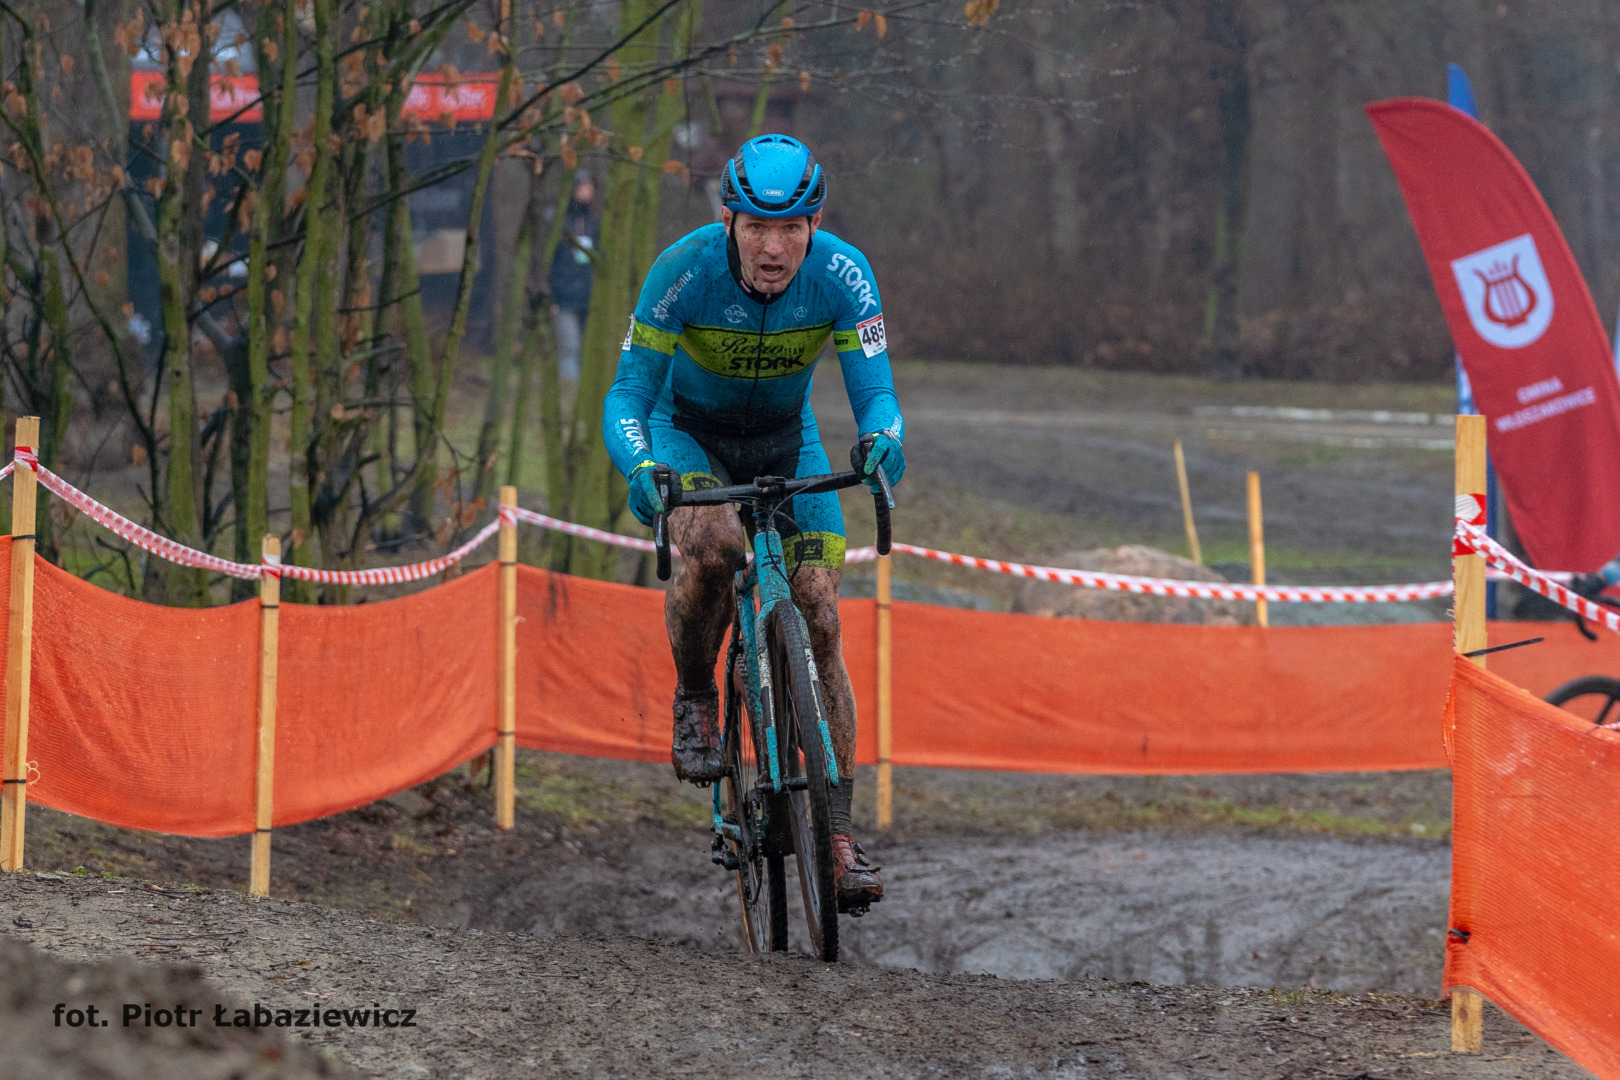 Tomasz Majewski (Retro Stork Team) – Mistrzostwa Polski w kolarstwie przełajowym, Włoszakowice 2021